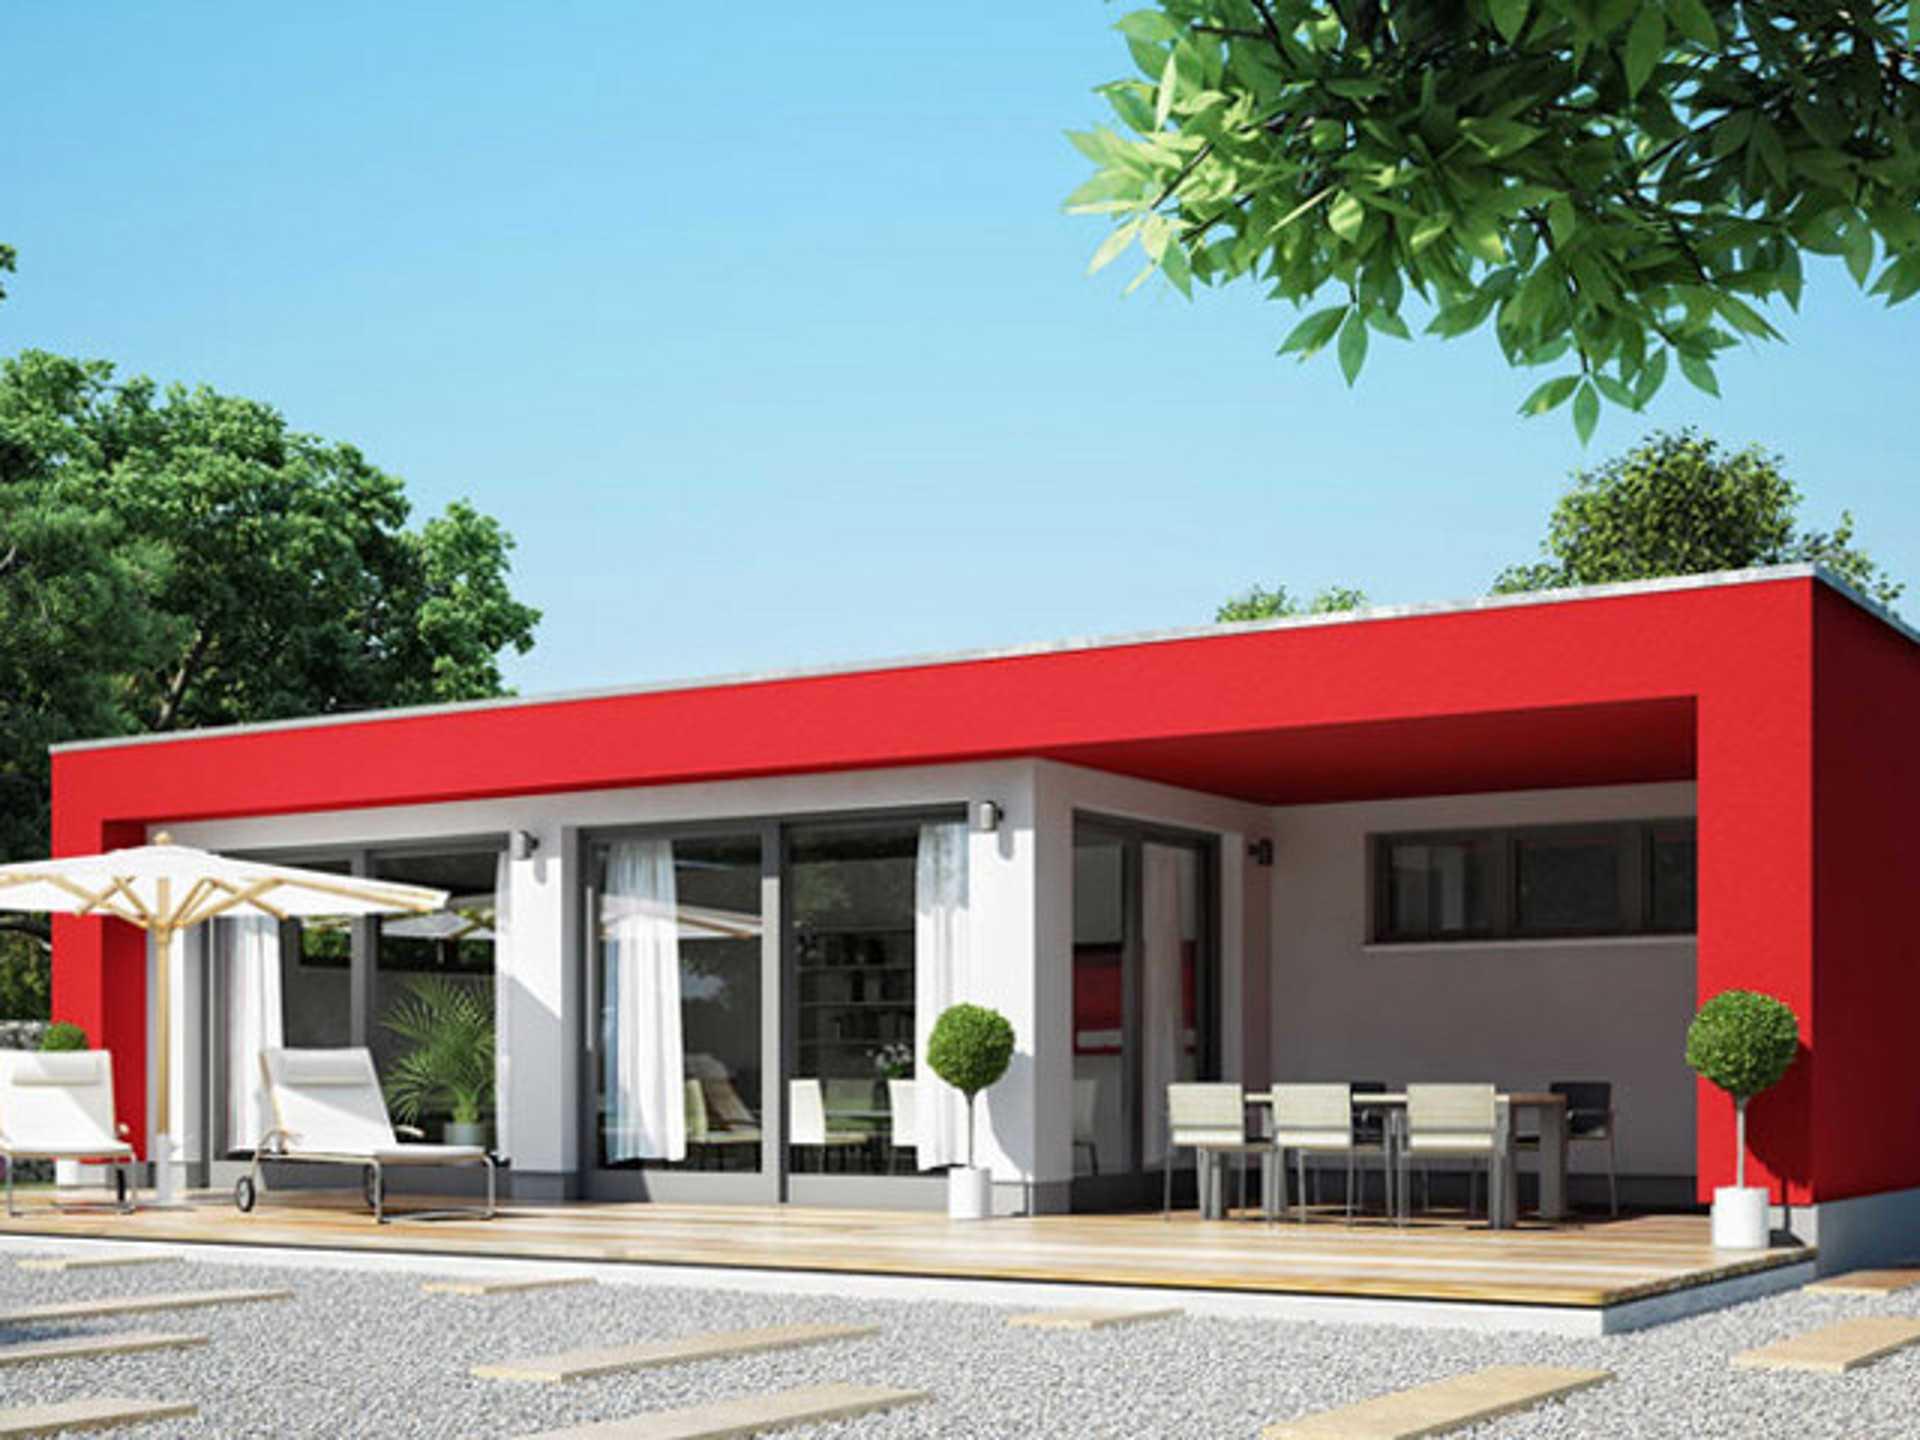 Haustyp VELUM-FD500 von MW - Hausvertrieb